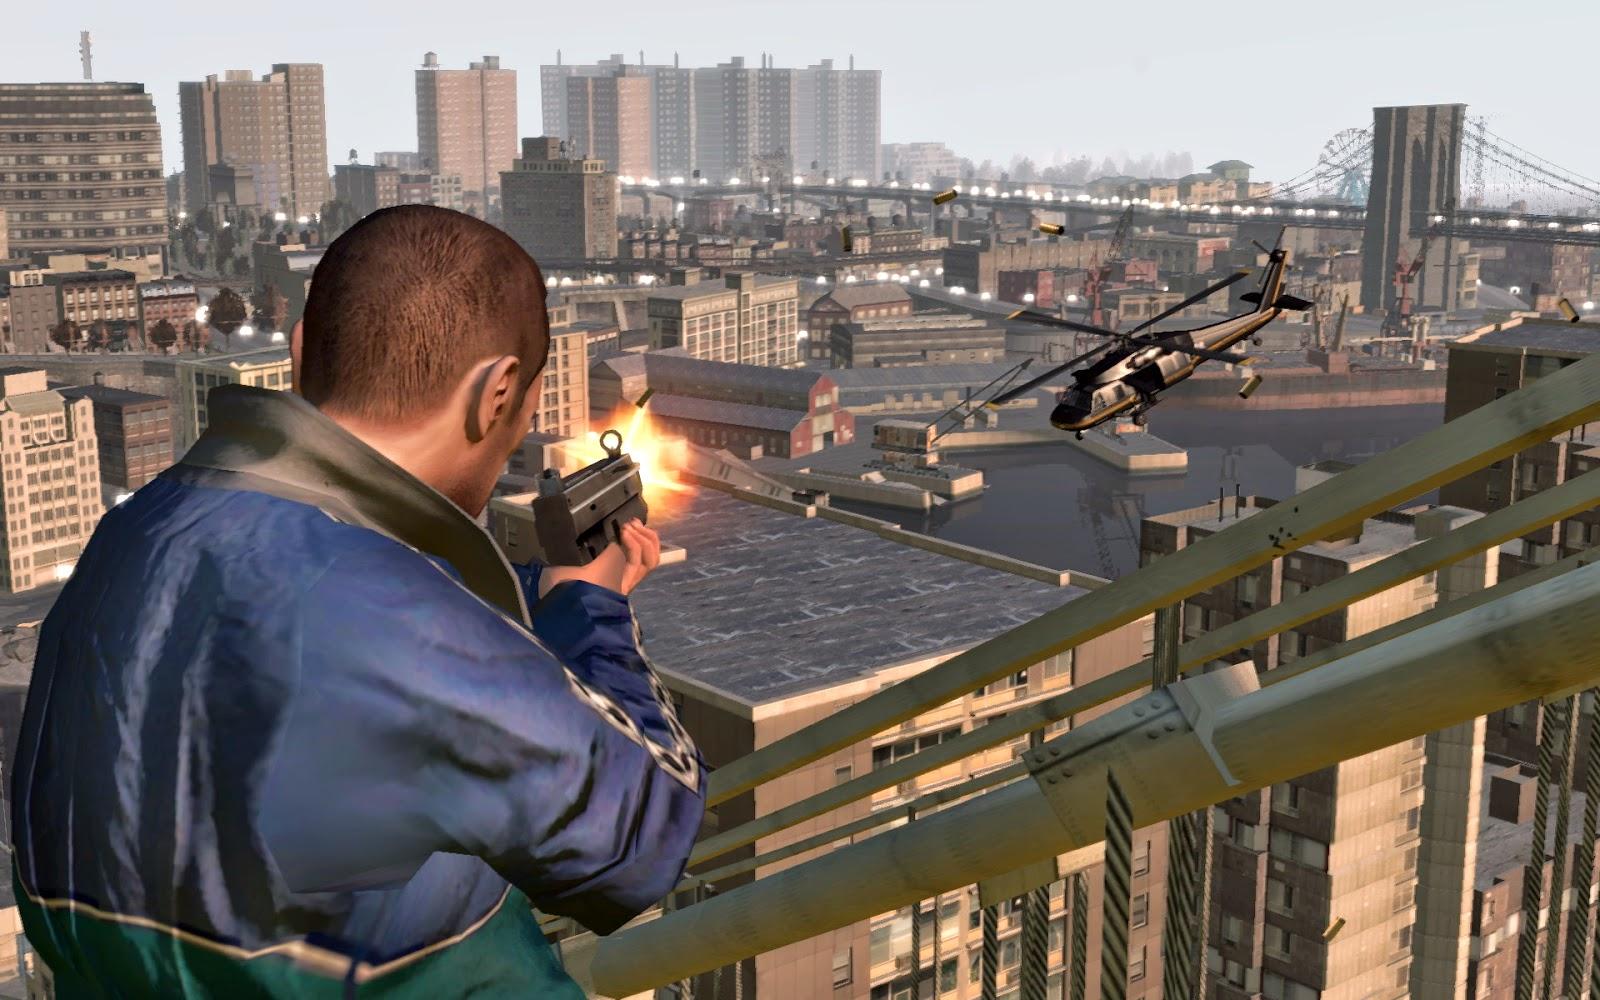 تحميل لعبة Grand Theft Auto IV بروابط مباشرة وبدون تثبيت تحميل-لعبة-